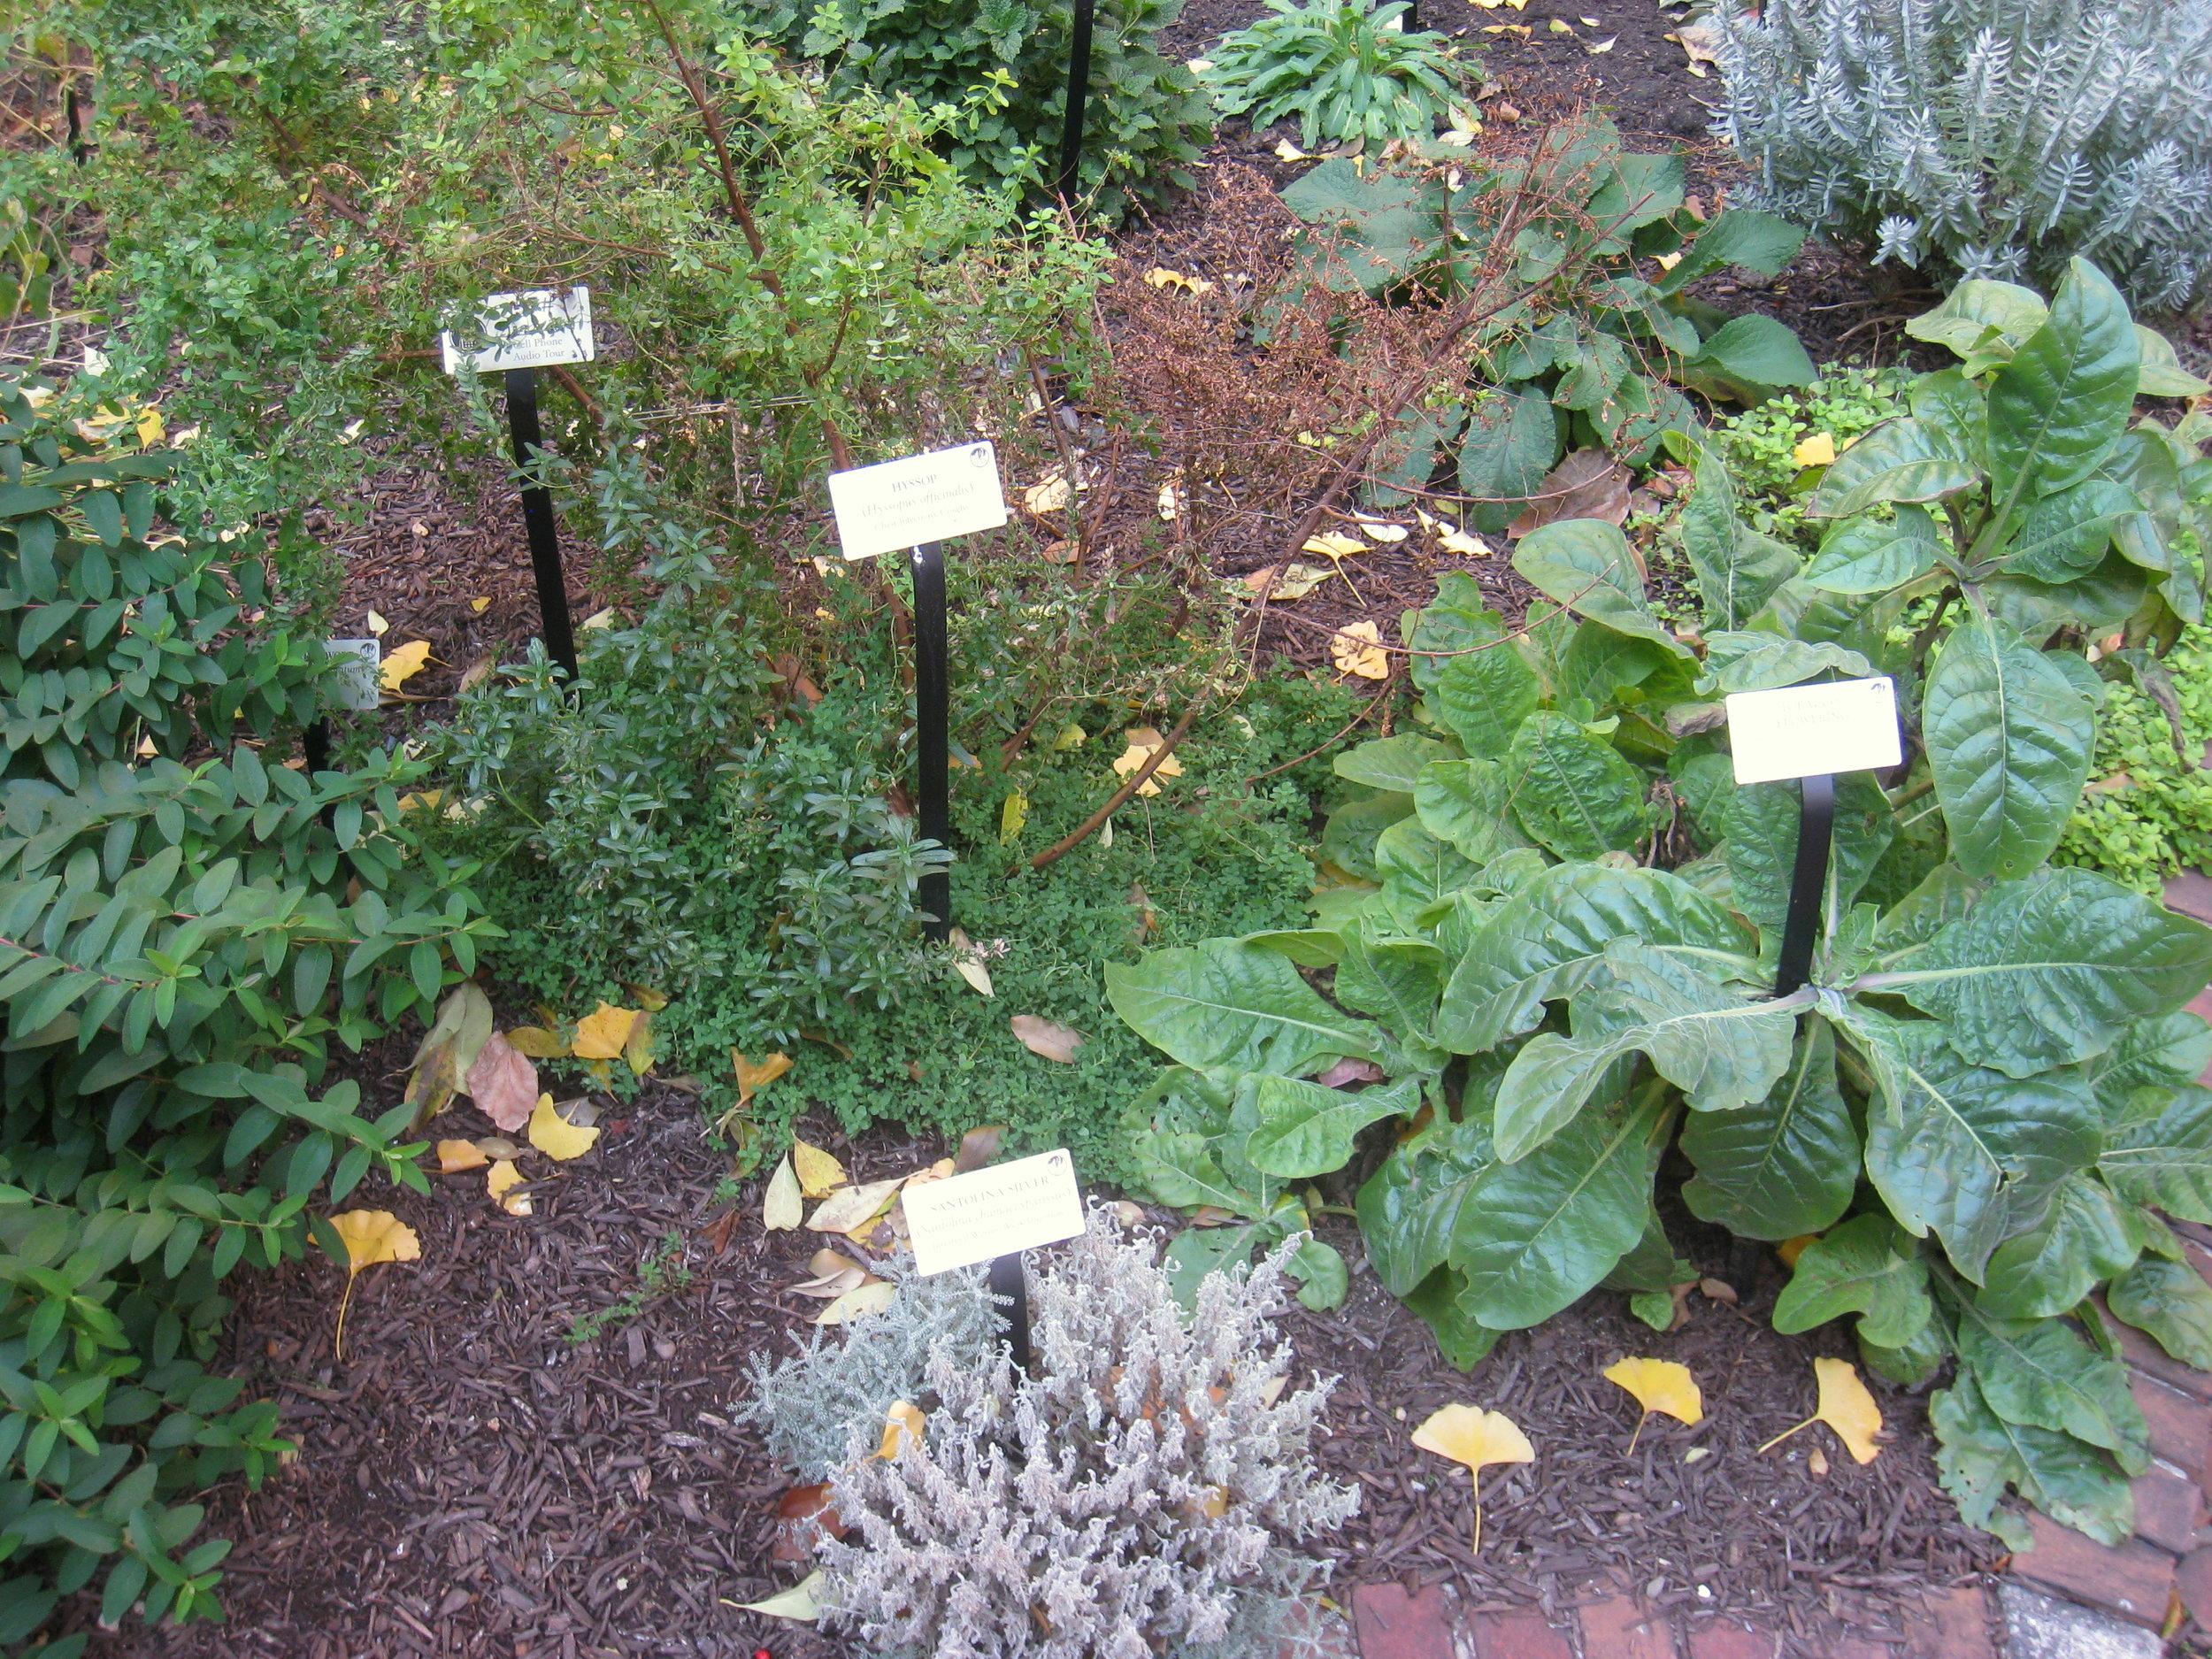 Native Medicinal Garden